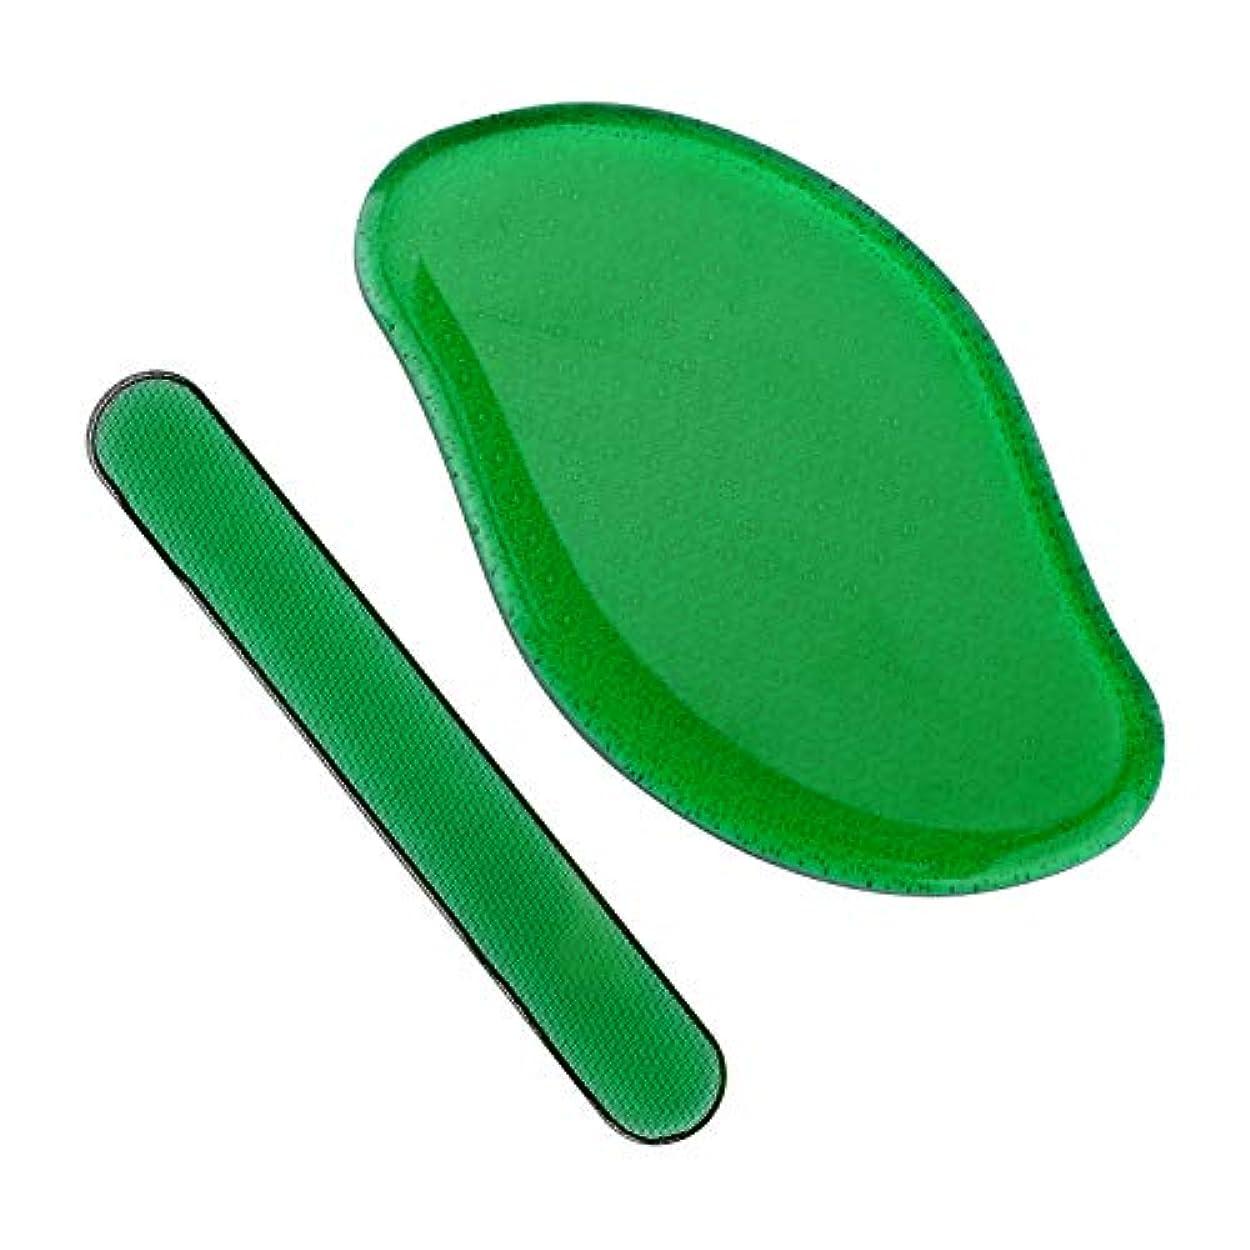 破壊パイプリムShinenail ガラス製 かかと 角質取り かかと削り ガラス 爪磨き付き かかとやすり かかと磨き 角質除去 足 角質ケア ヤスリ 足裏 踵 フットケア 丸洗いOK 爪磨き付き